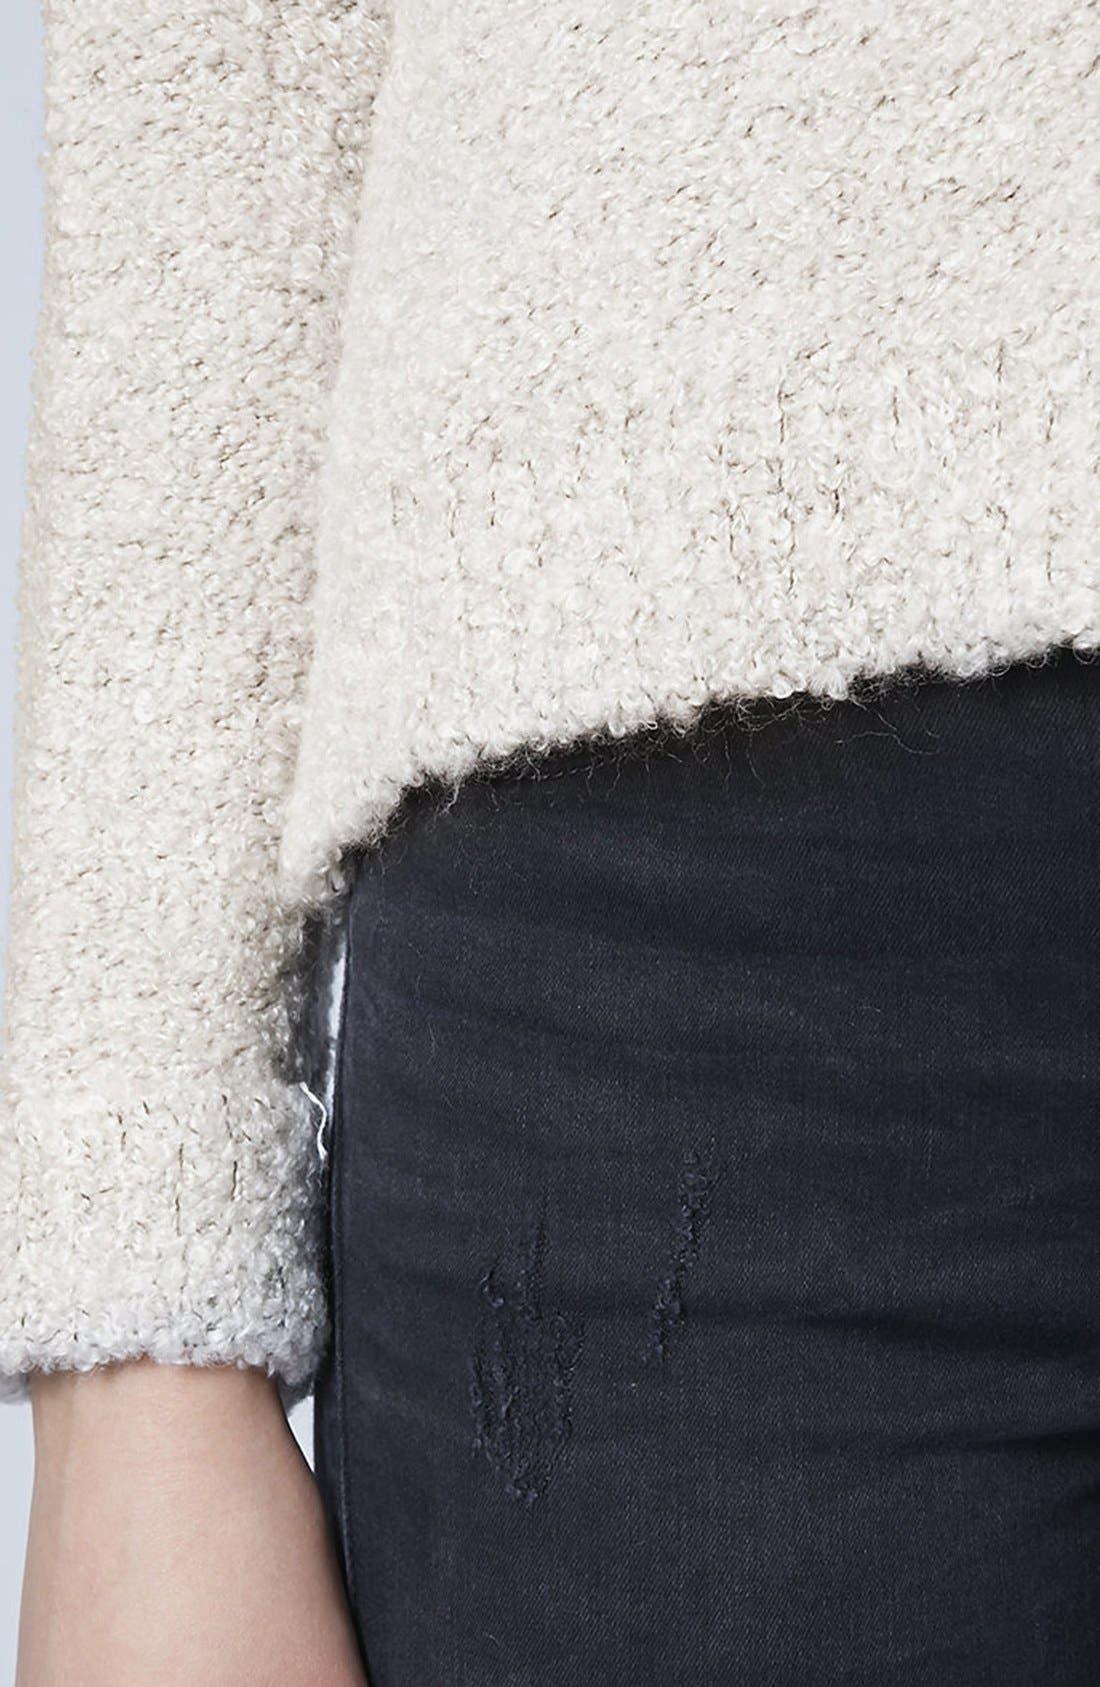 TOPSHOP,                             Bouclé Knit Sweater,                             Alternate thumbnail 5, color,                             100